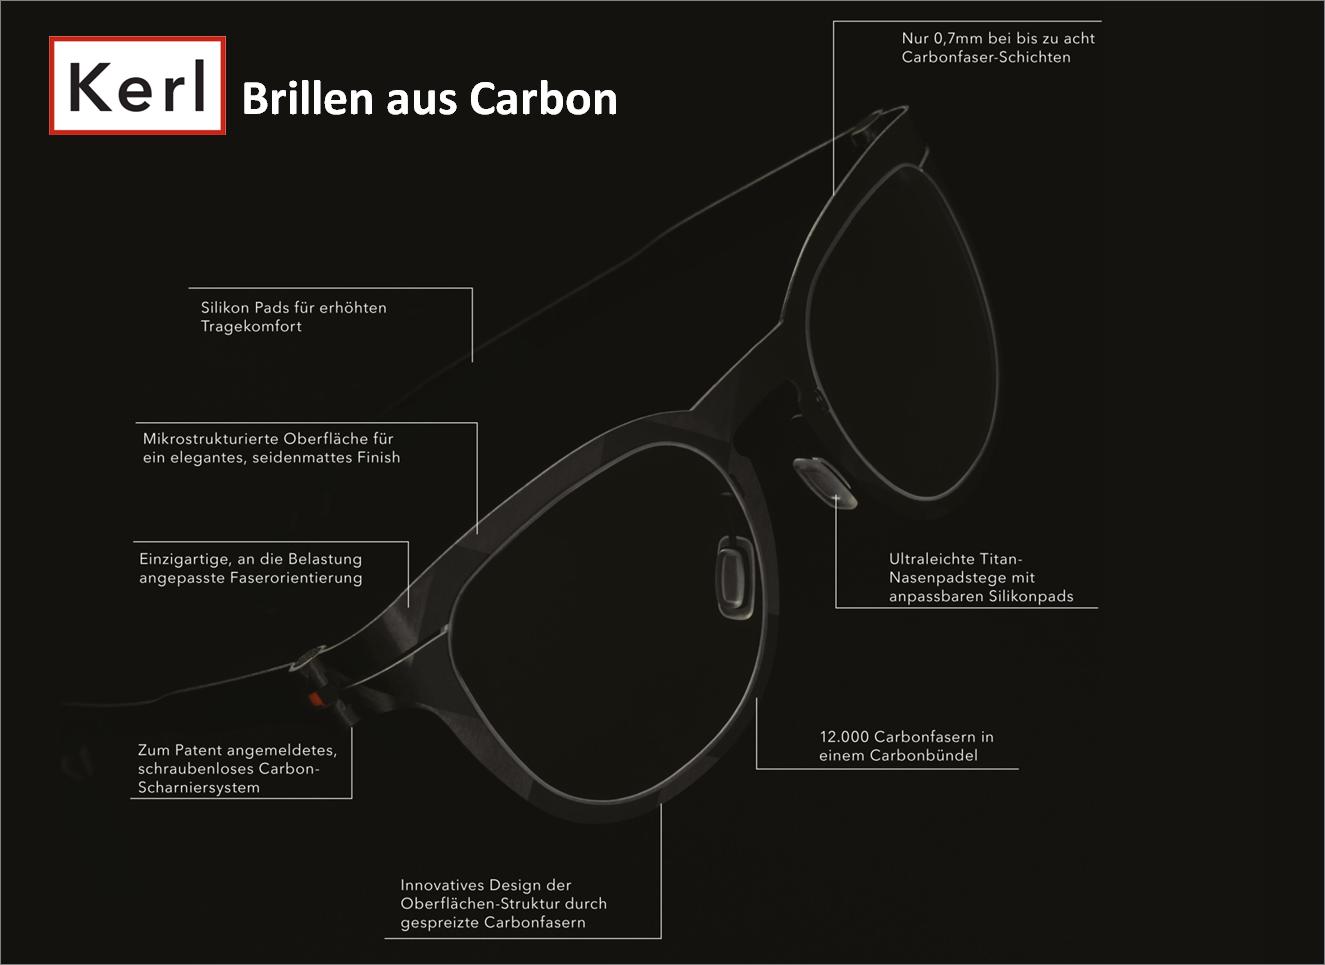 Kerl-Brillen: abslout puristisch! absolut minimalistisch! maximal leicht! 100% Carbon